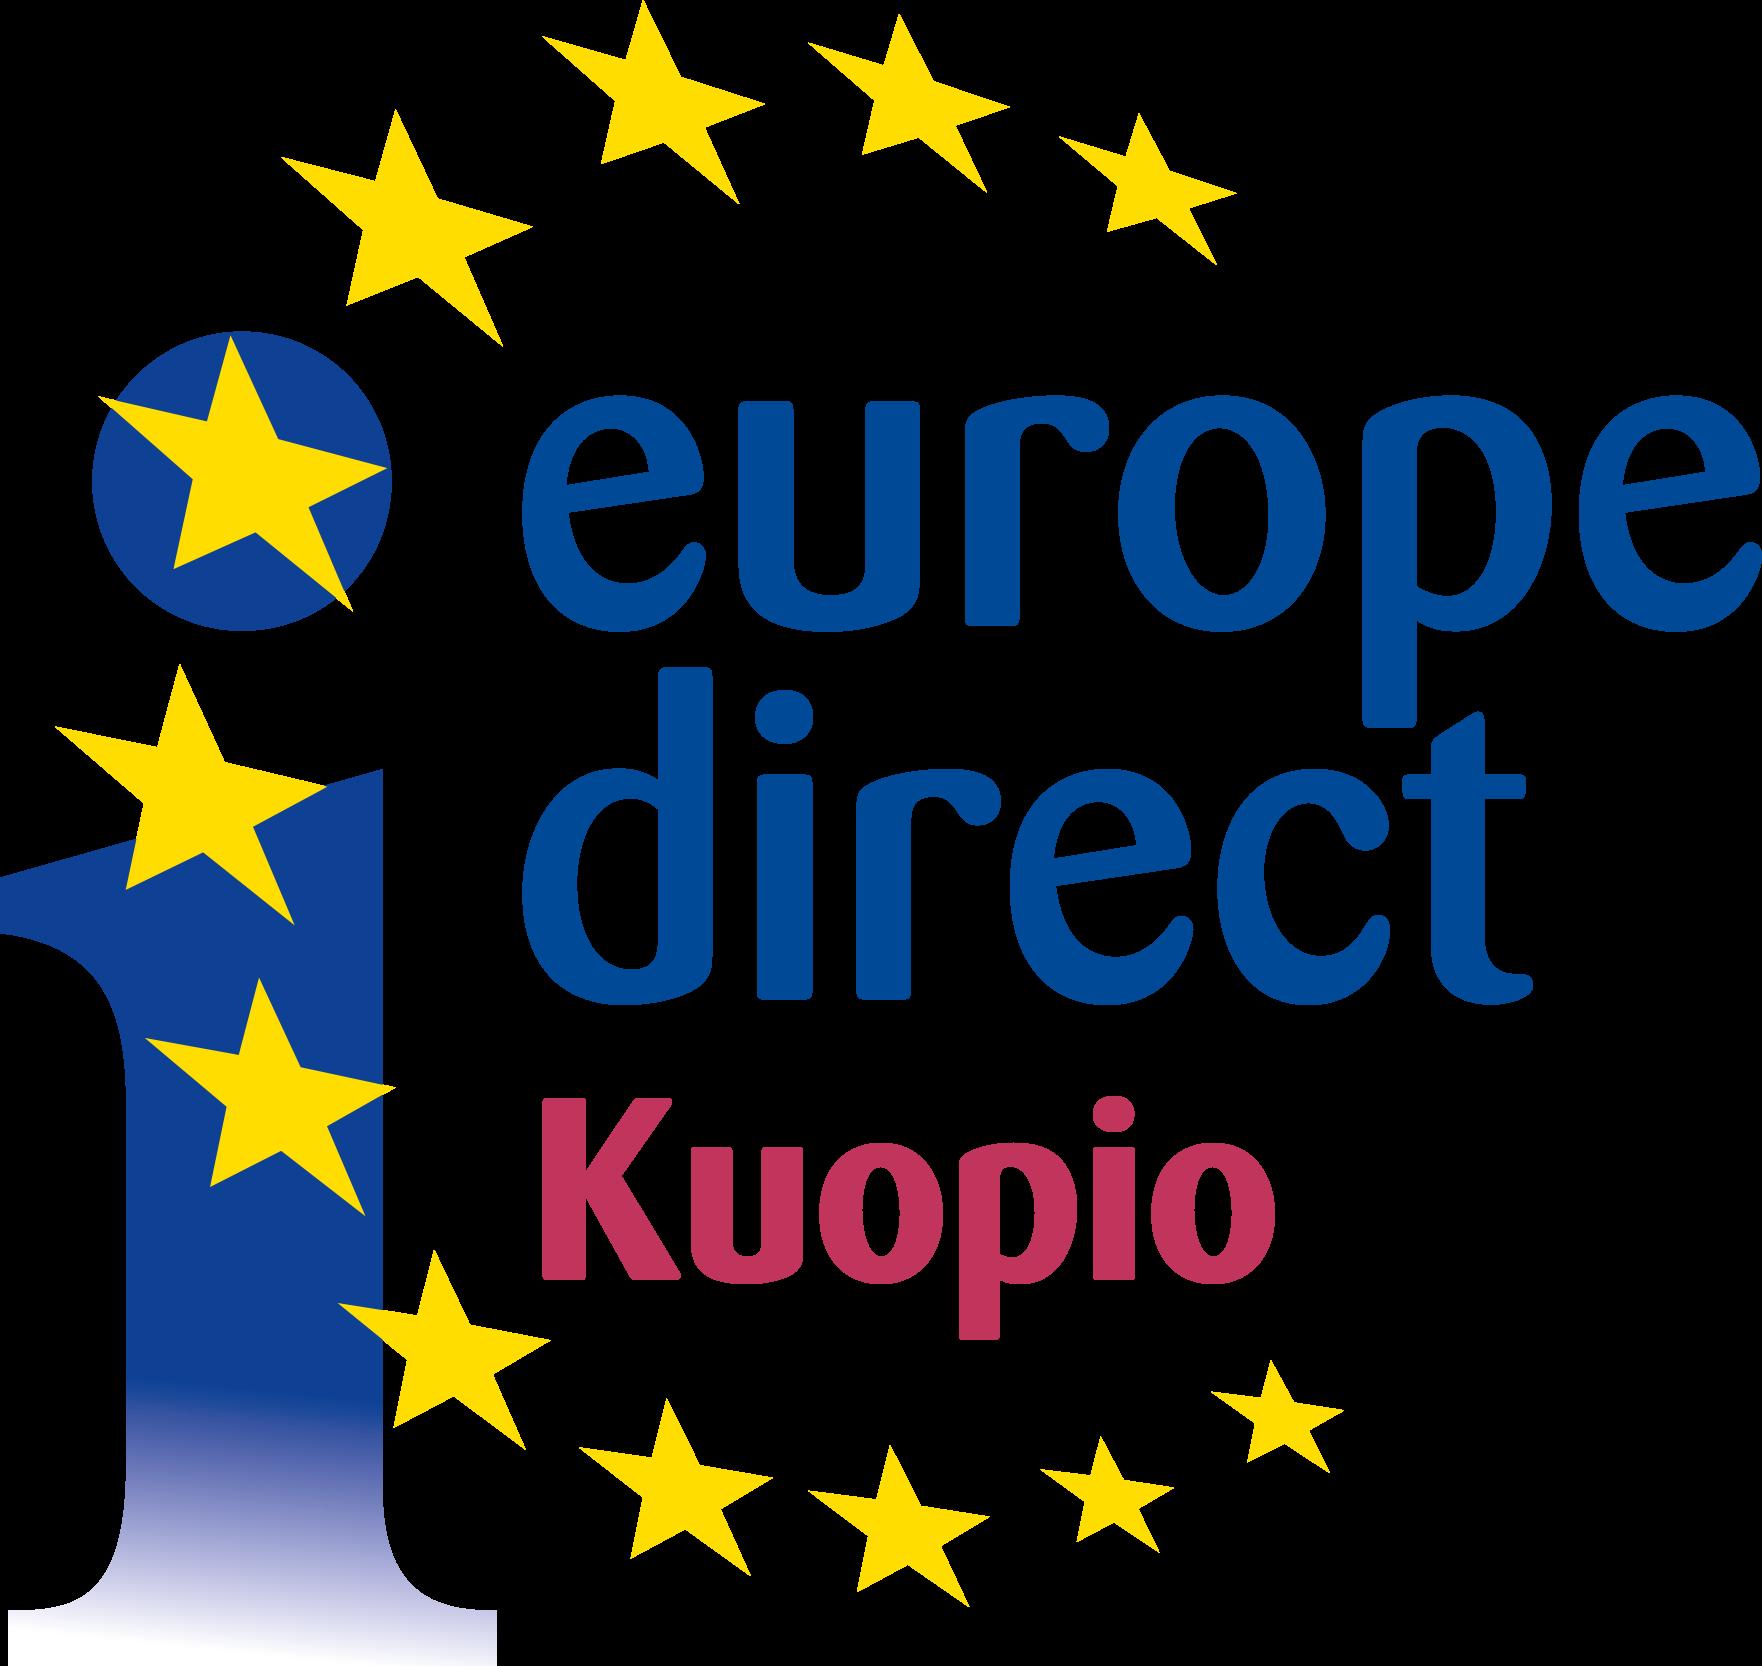 Europe Direct Kuopio